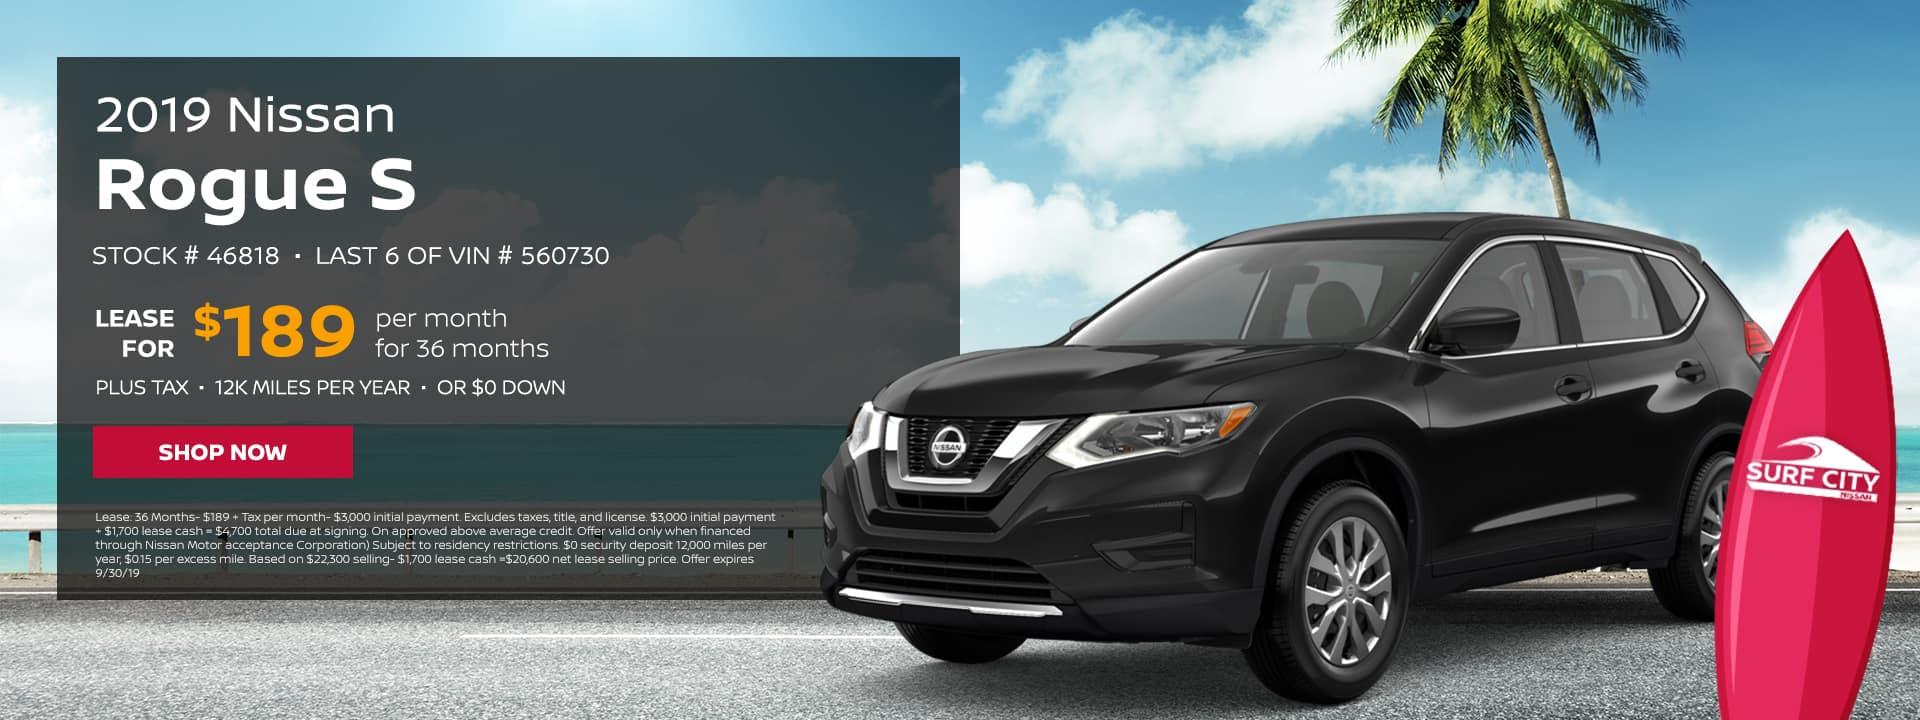 Nissan Rogue Deal